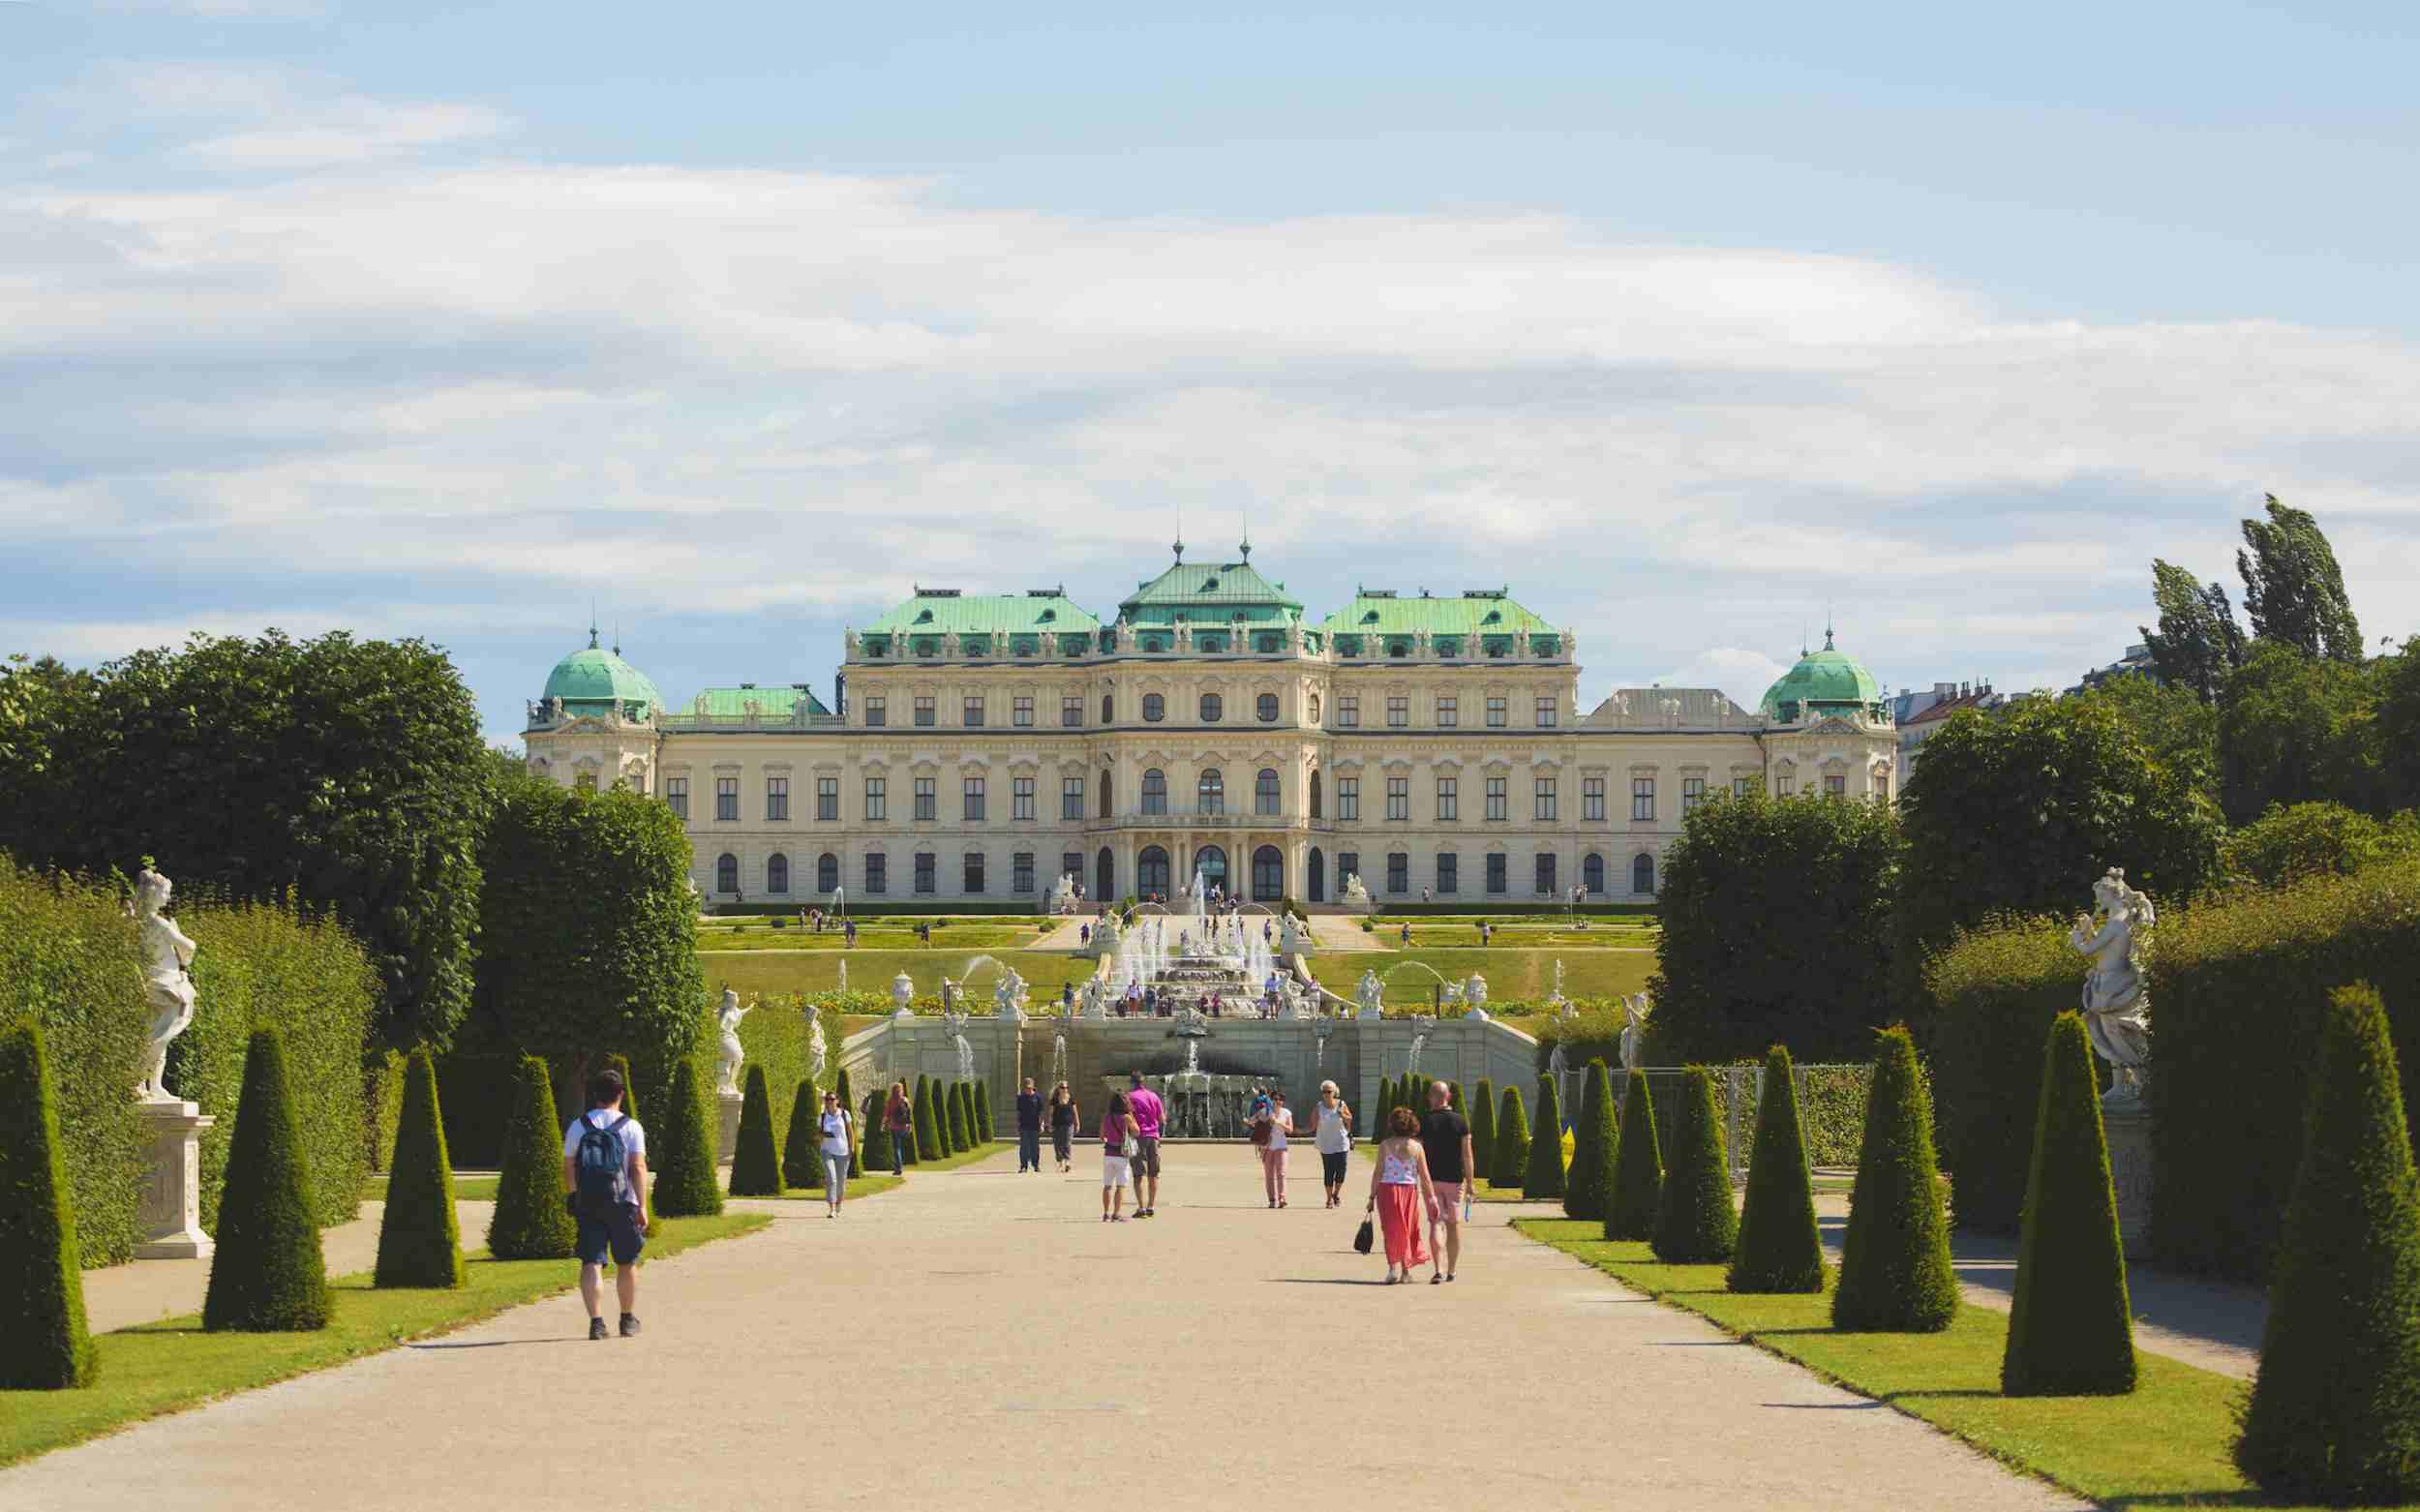 El palacio y museo Belvedere en Viena